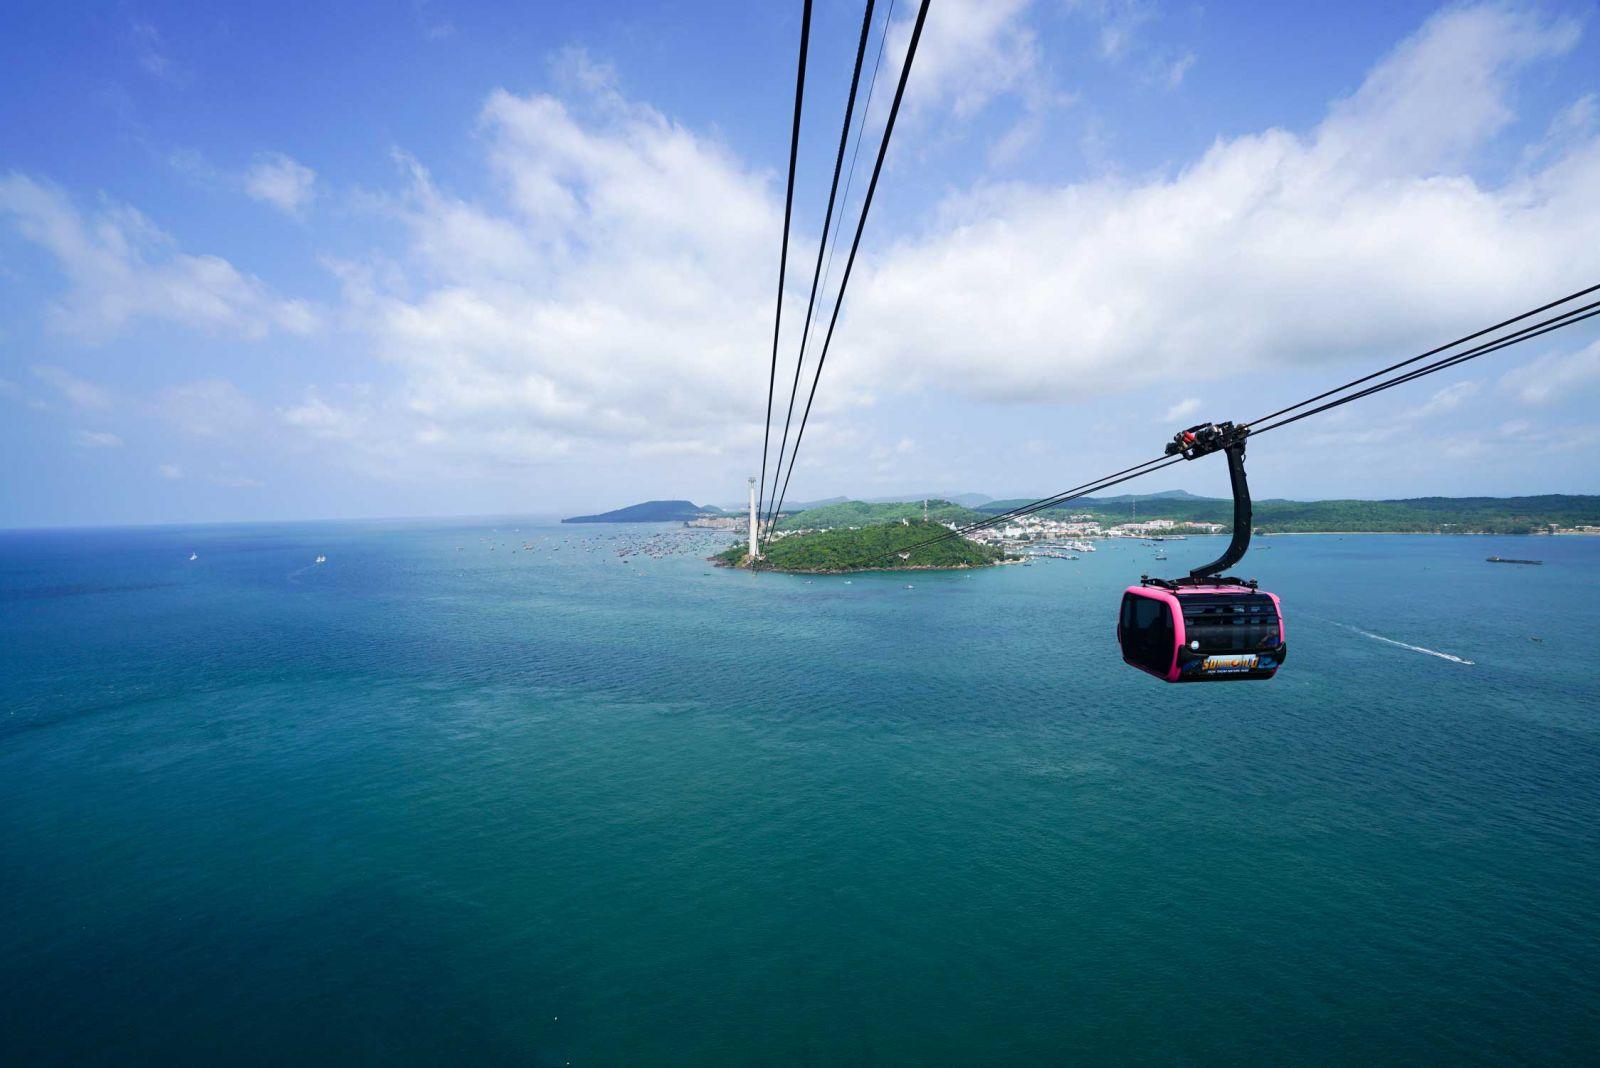 Cáp treo Hòn Thơm là một trong những trải nghiệm tuyệt vời tại Phú Quốc